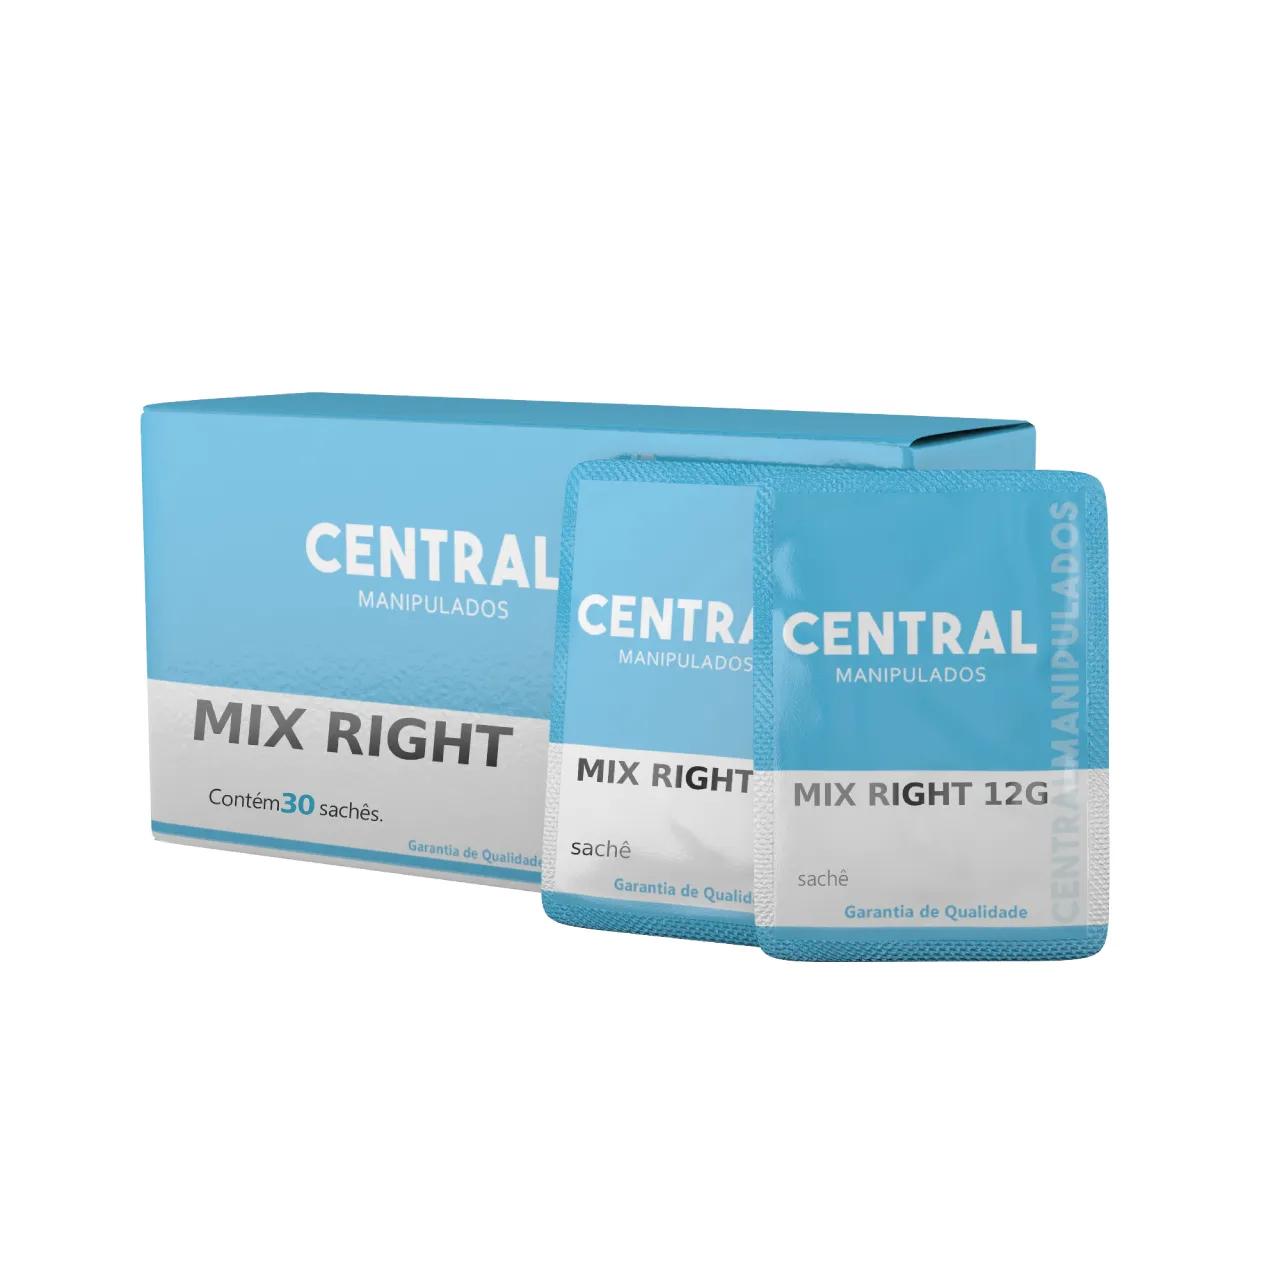 Mix Rigth com 8 aminoácidos 12gr cada Sache Efervescente Sabor Laranja - 30 Sachês - Ganho rápido de massa muscular, Aumento da Força e Fôlego